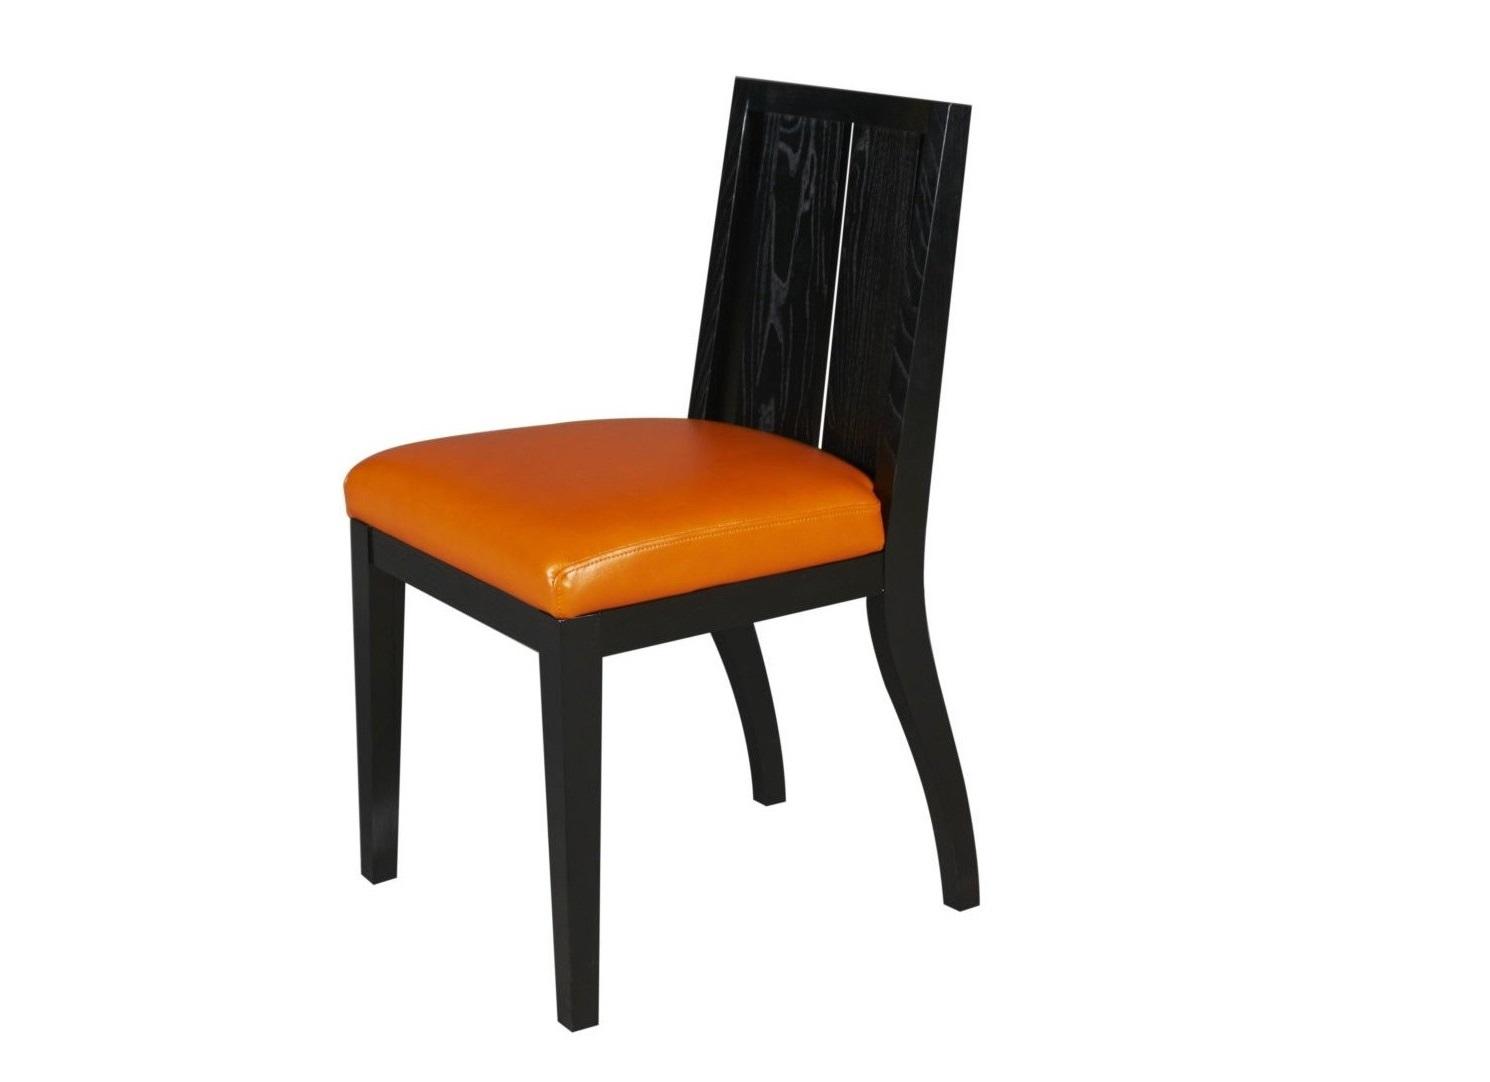 Стул AldoОбеденные стулья<br><br><br>Material: Дерево<br>Width см: 54<br>Depth см: 50<br>Height см: 86